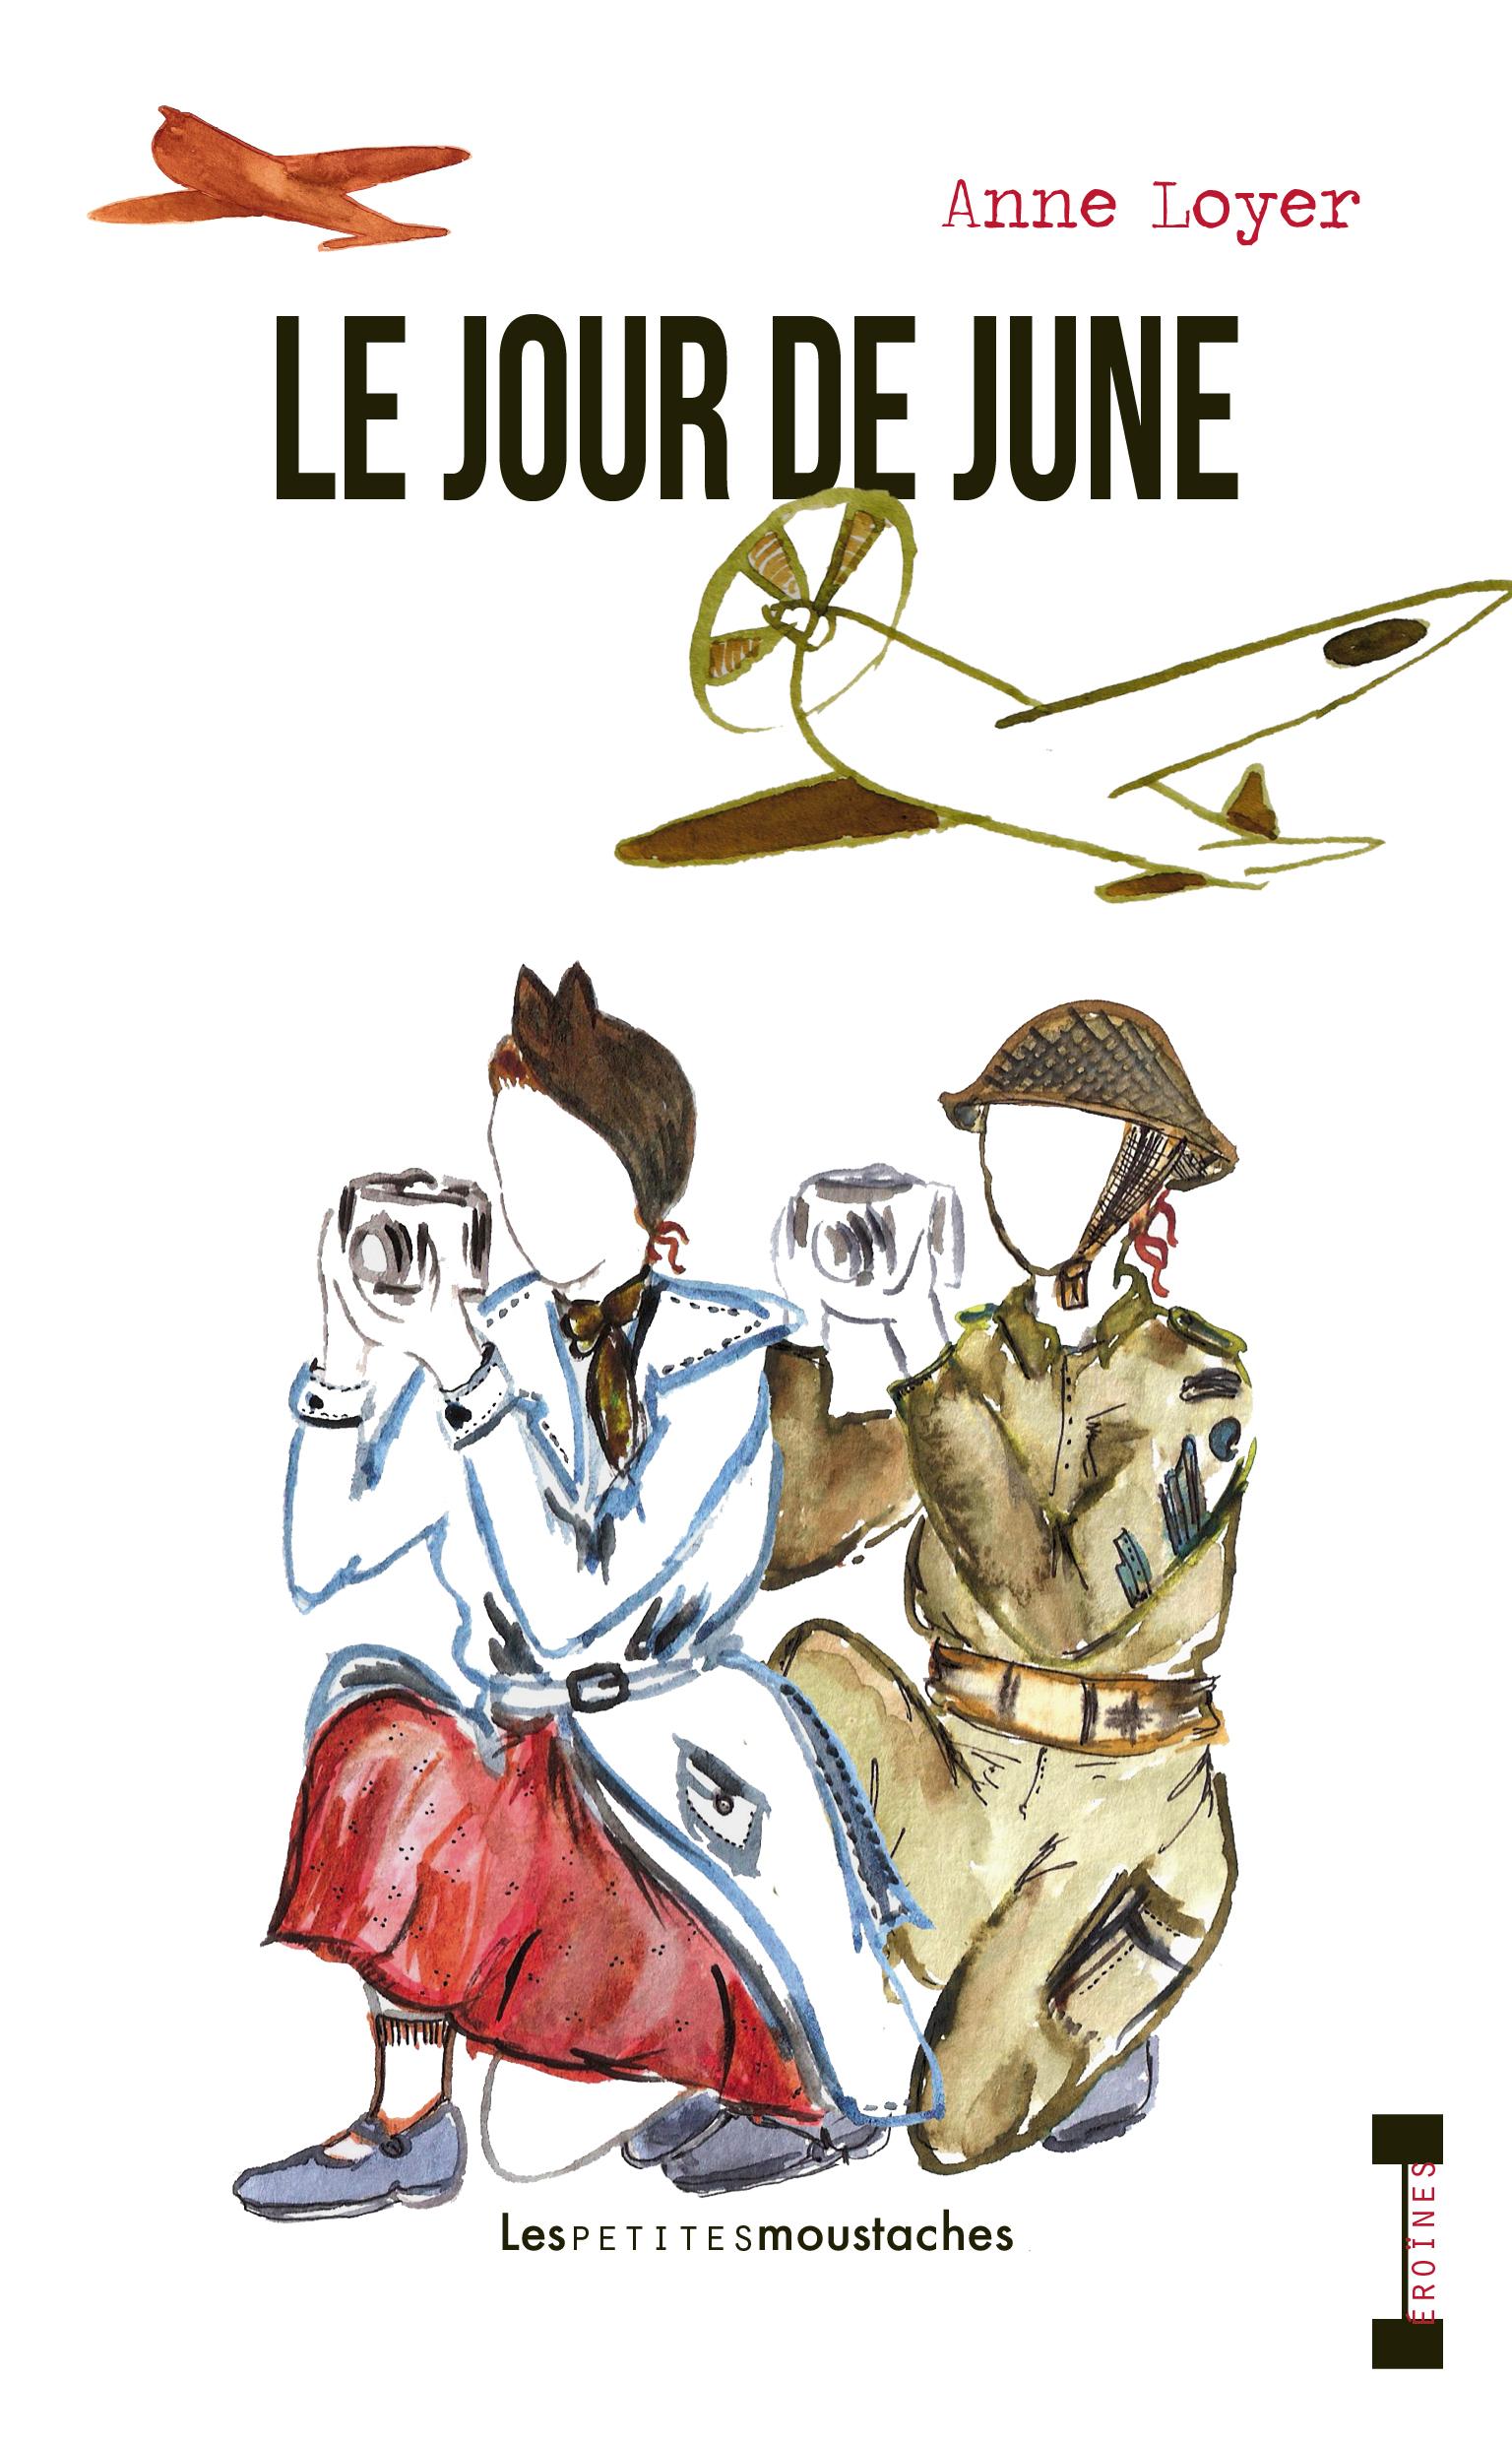 Les petites moustaches, Anne Loyer, Le jour de June